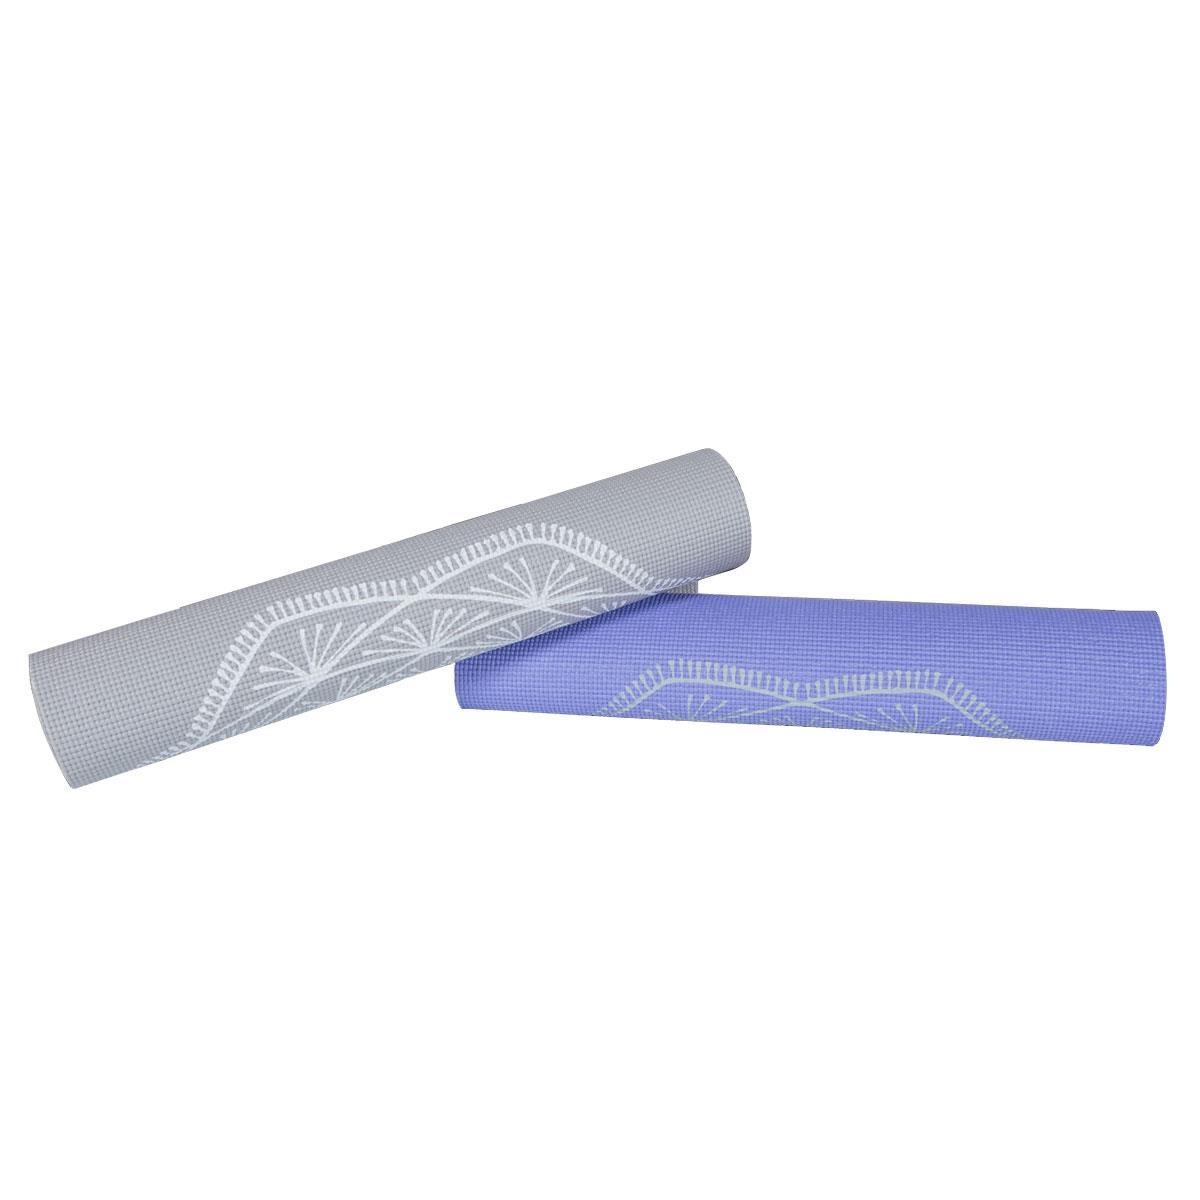 Tapete Yoga Mat Em Pvc Eco Com Impressão - Hopumanu